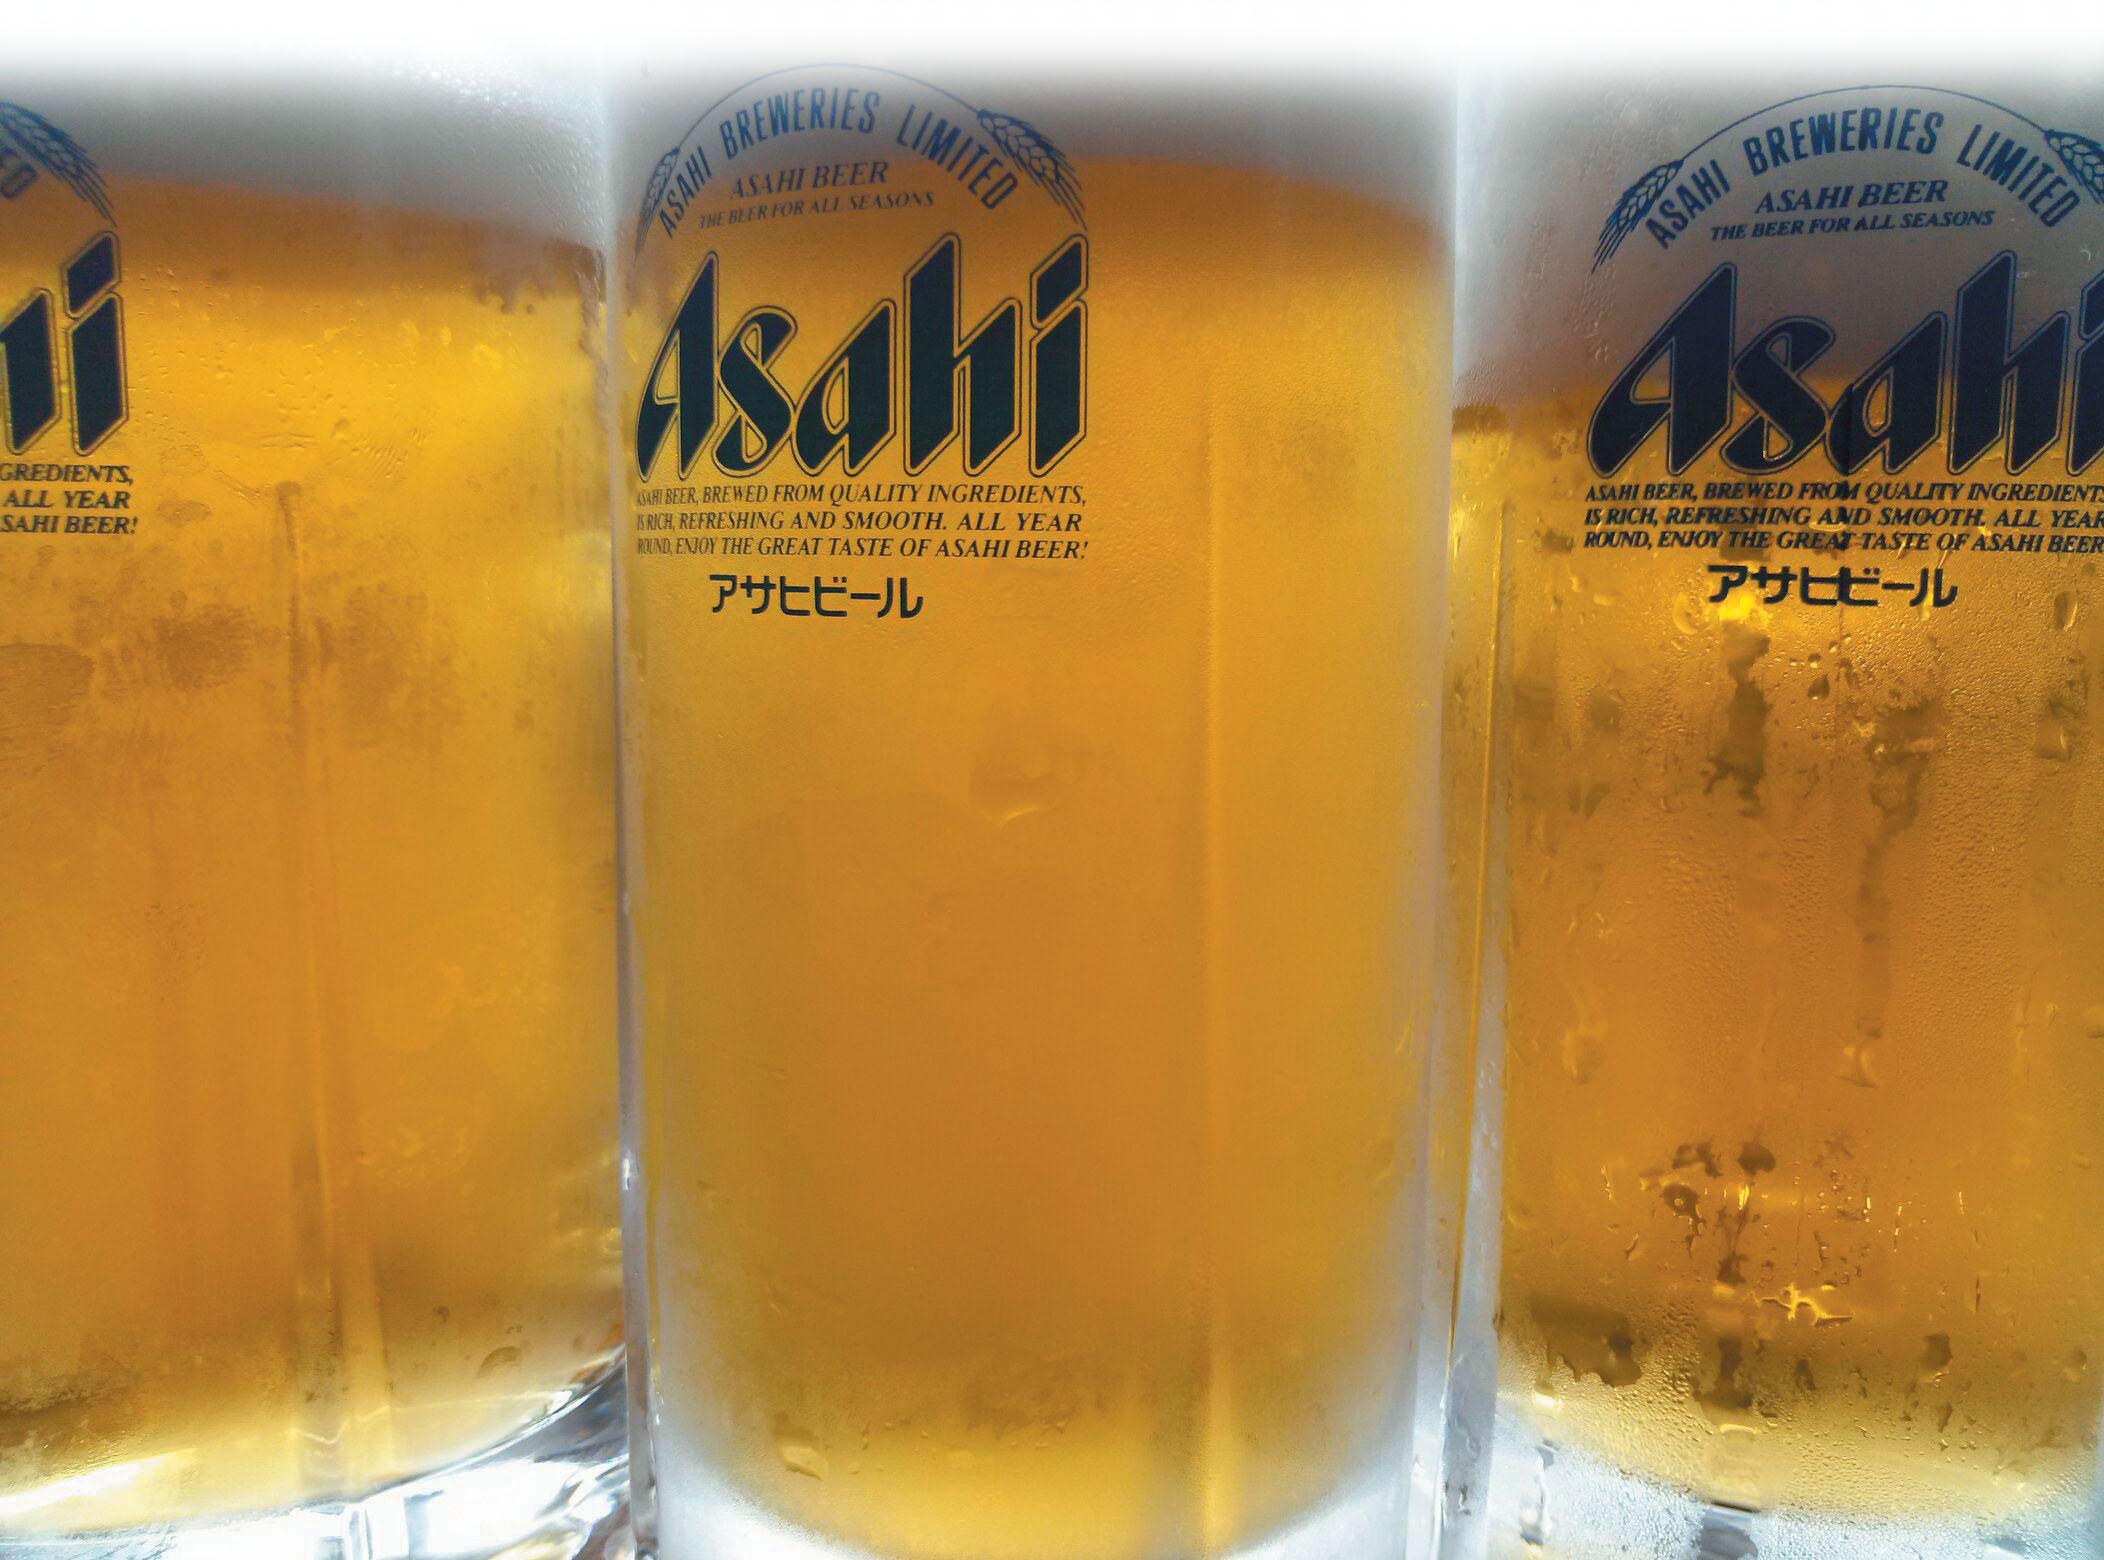 生ビール・日本酒・チューハイも飲み放題(イメージ)